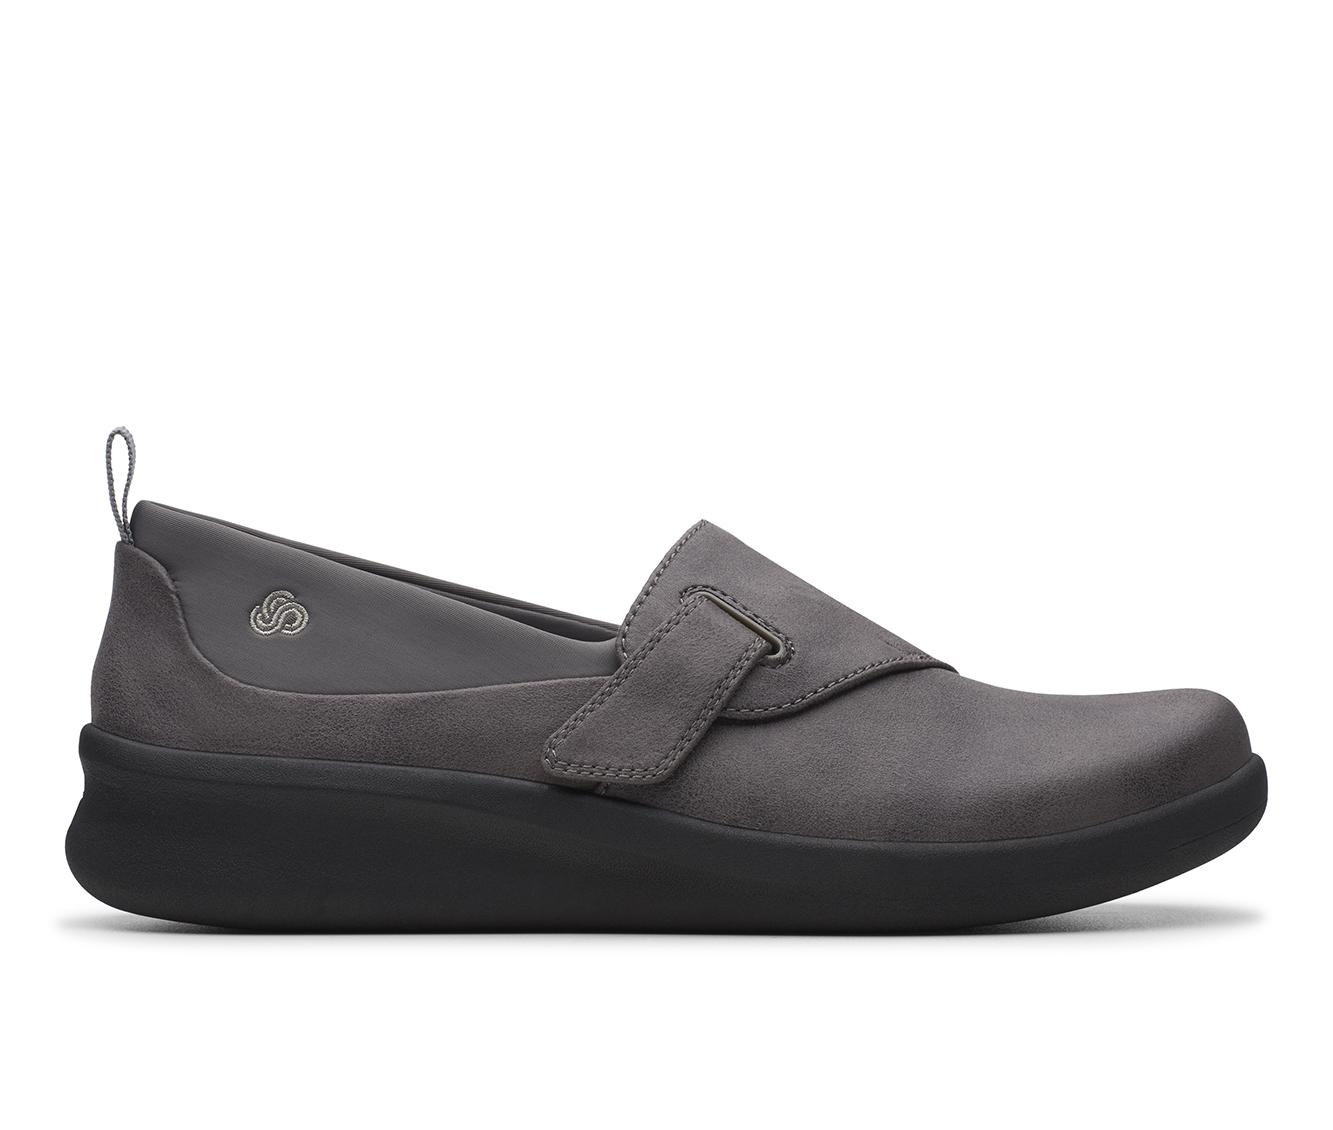 Clarks Sillian 2.0 Ease Women's Shoe (Gray Canvas)